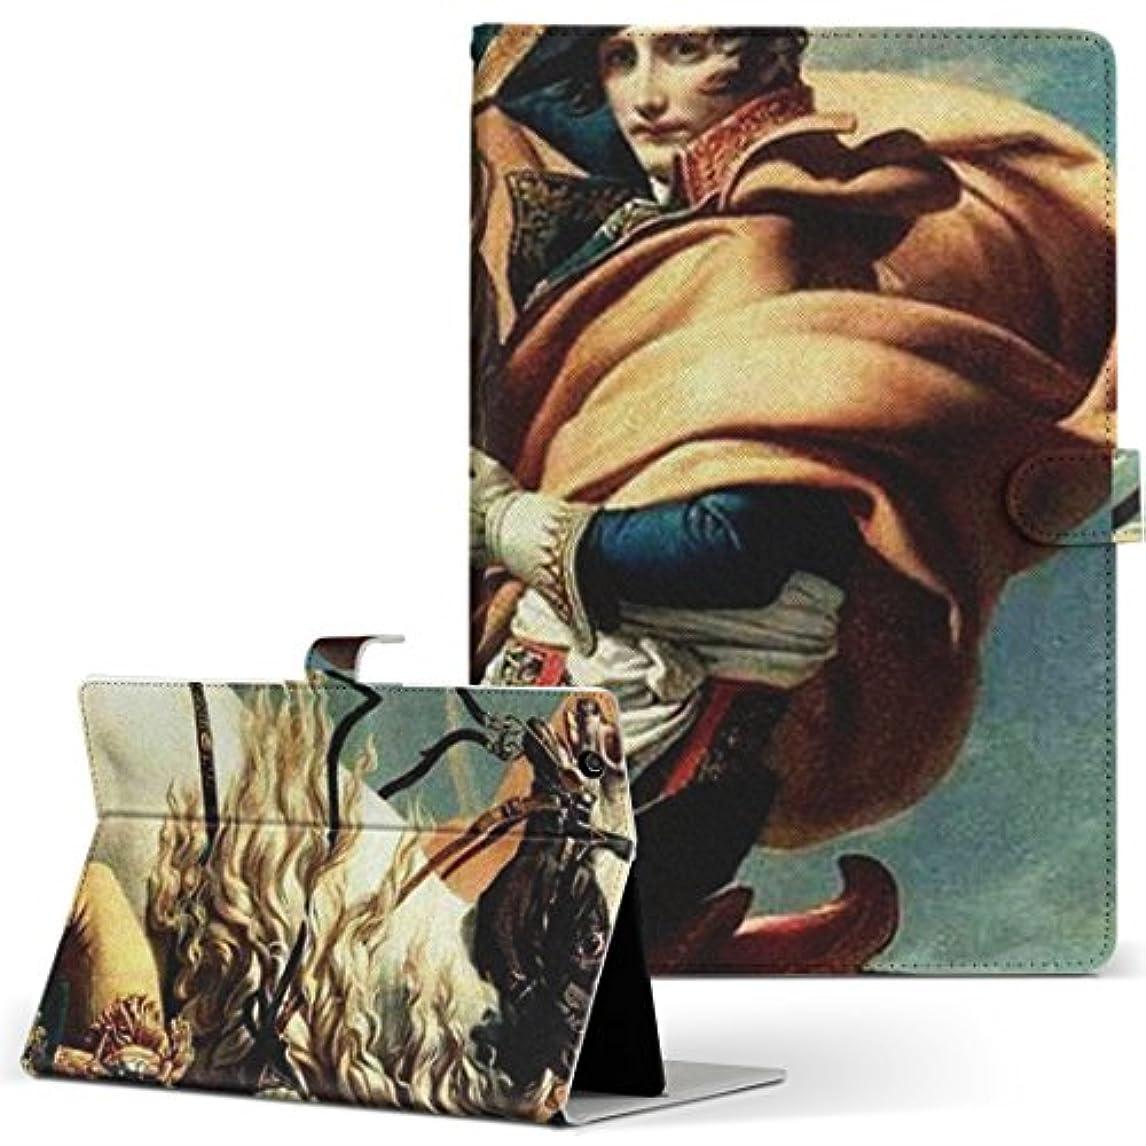 ペインテーブル太字igcase d-01h Huawei ファーウェイ dtab ディータブ タブレット 手帳型 タブレットケース タブレットカバー カバー レザー ケース 手帳タイプ フリップ ダイアリー 二つ折り 直接貼り付けタイプ 011472 イラスト ナポレオン 絵画